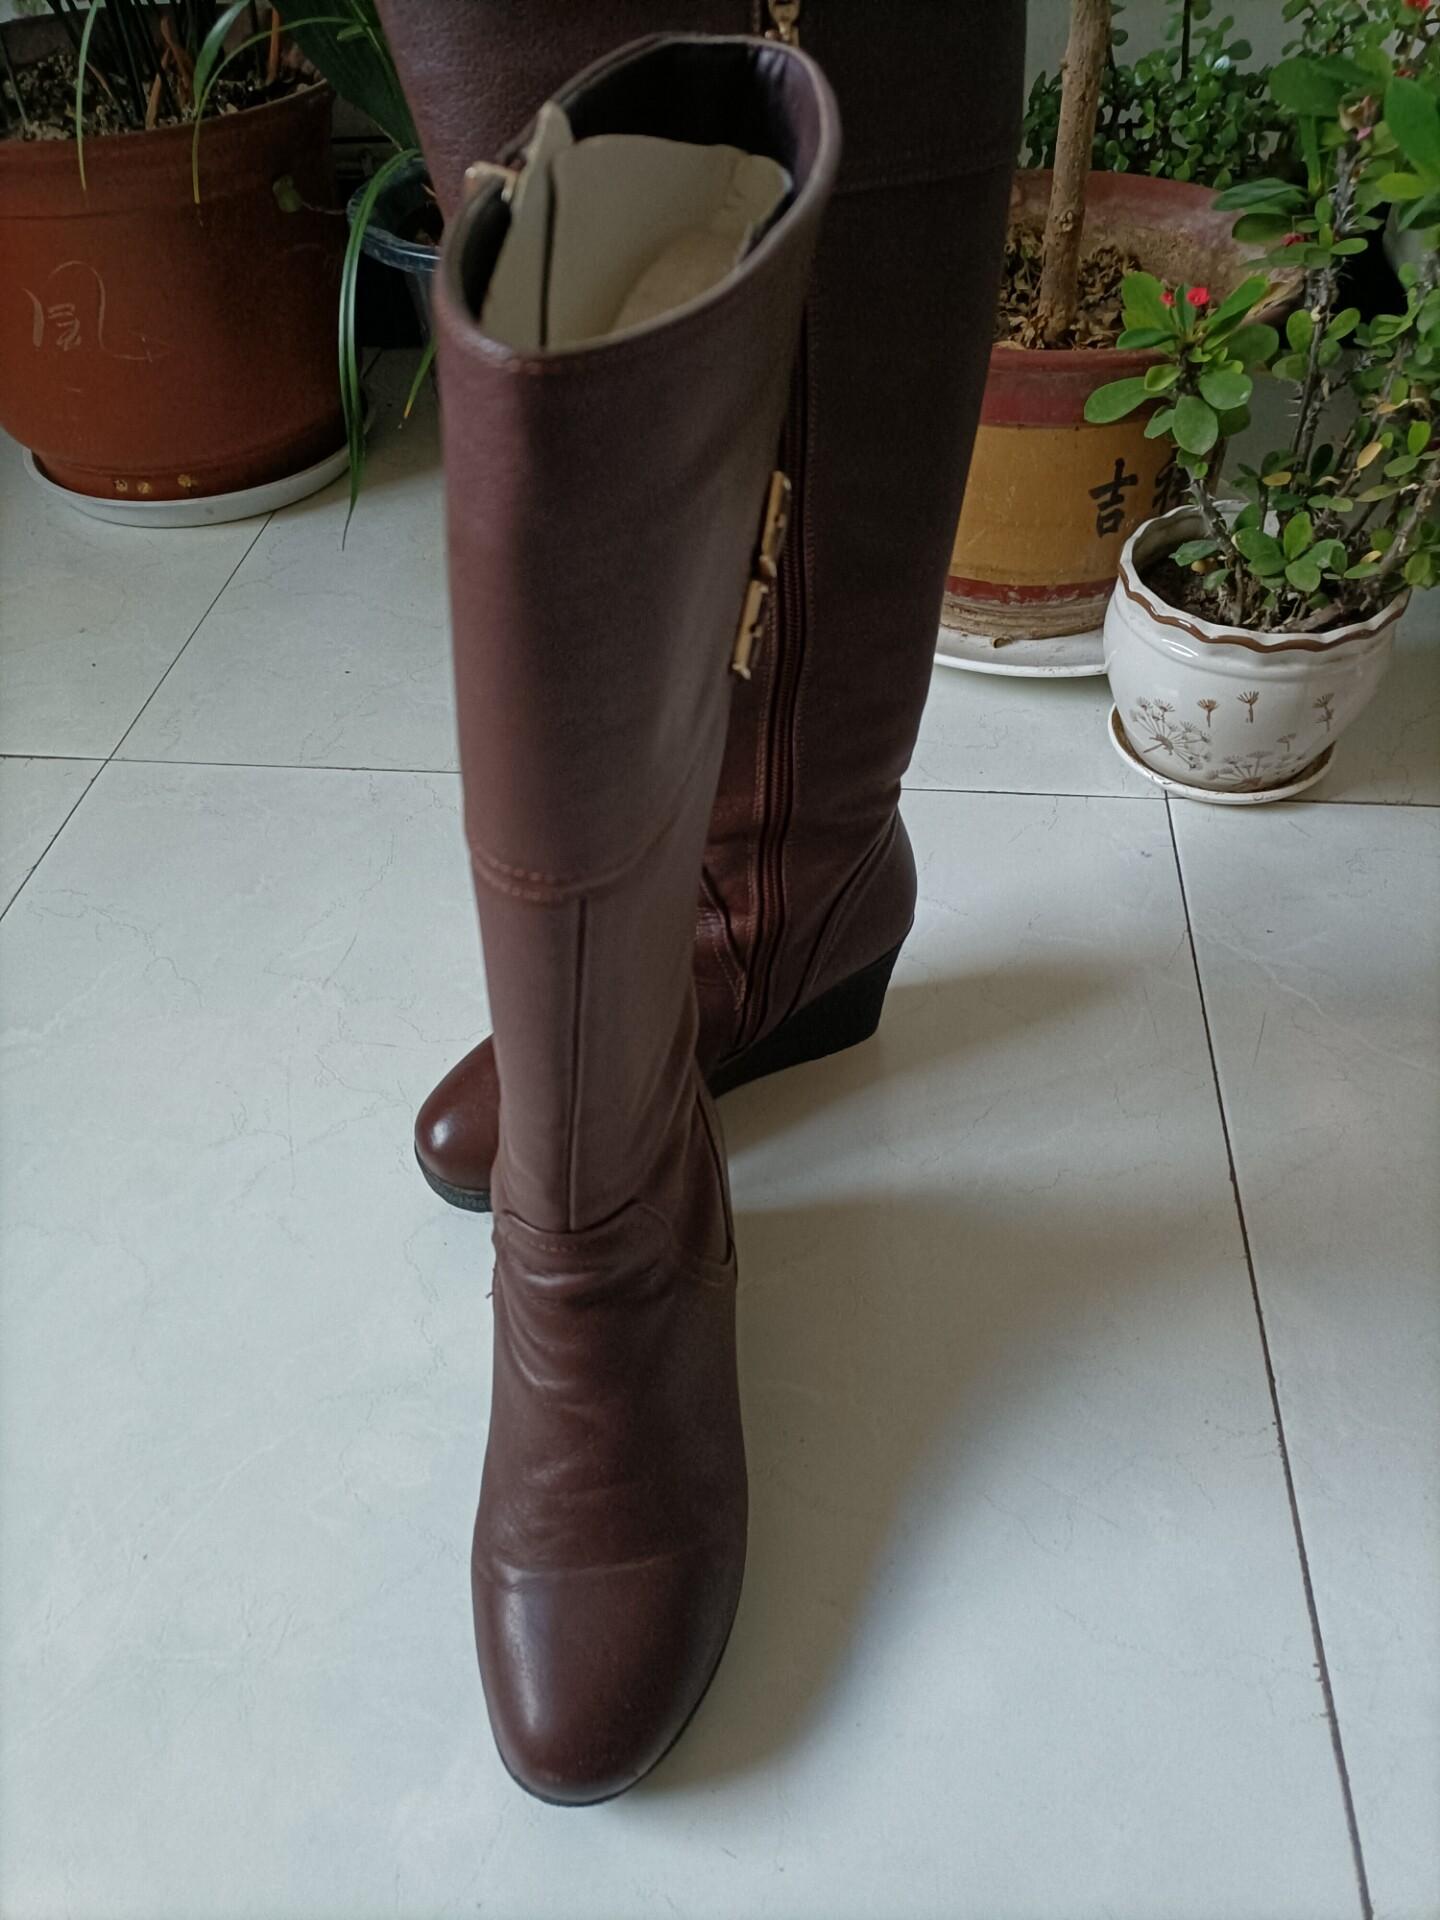 红蜻蜓女靴,成色如图,没有美颜,37码,,单位暖和穿不到了